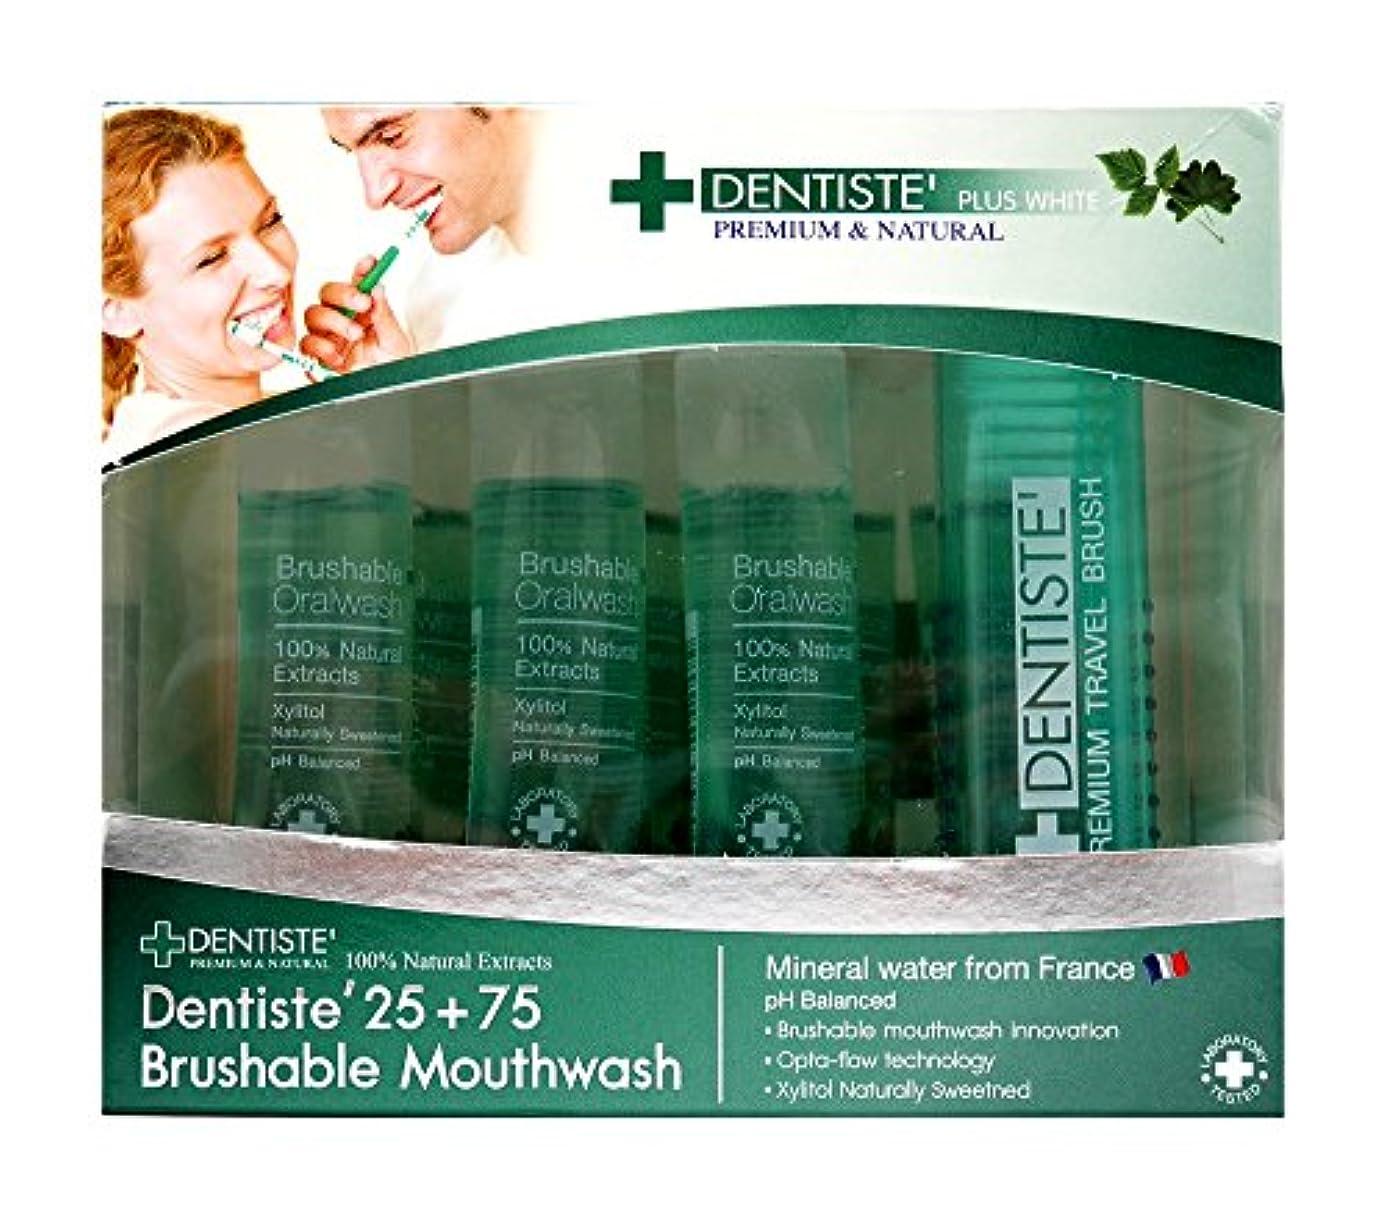 ハドル買う機転(デンティス)DENTISTE 液体歯磨き粉 12ml x 7本 収納式歯ブラシ付